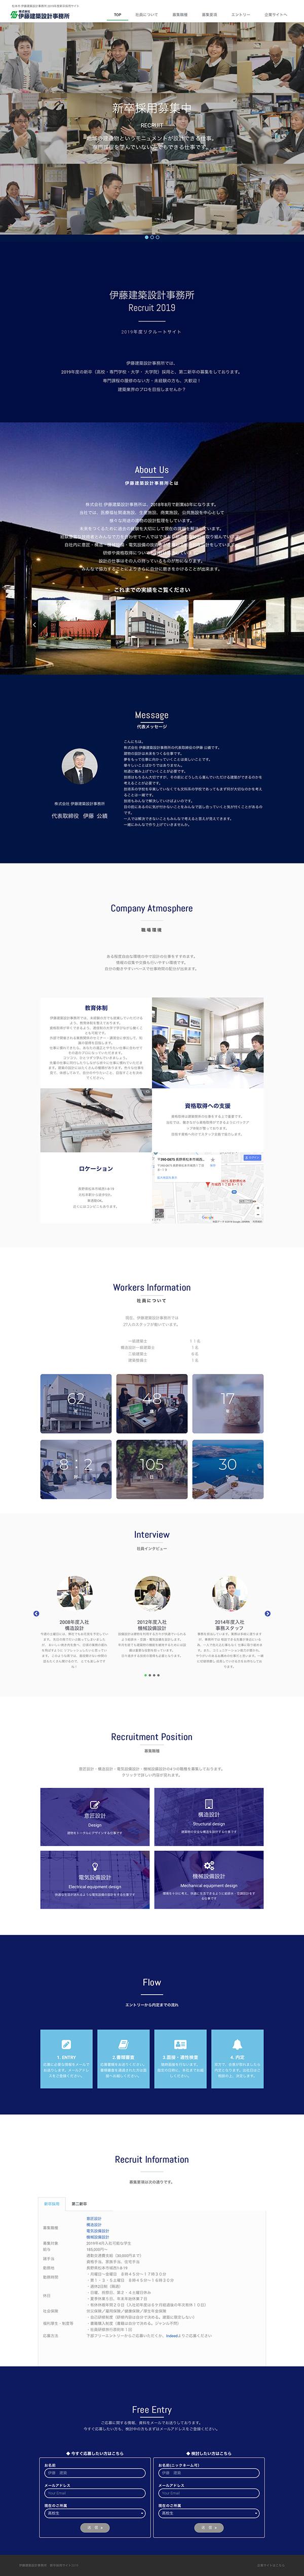 伊藤建築設計様ホームページ